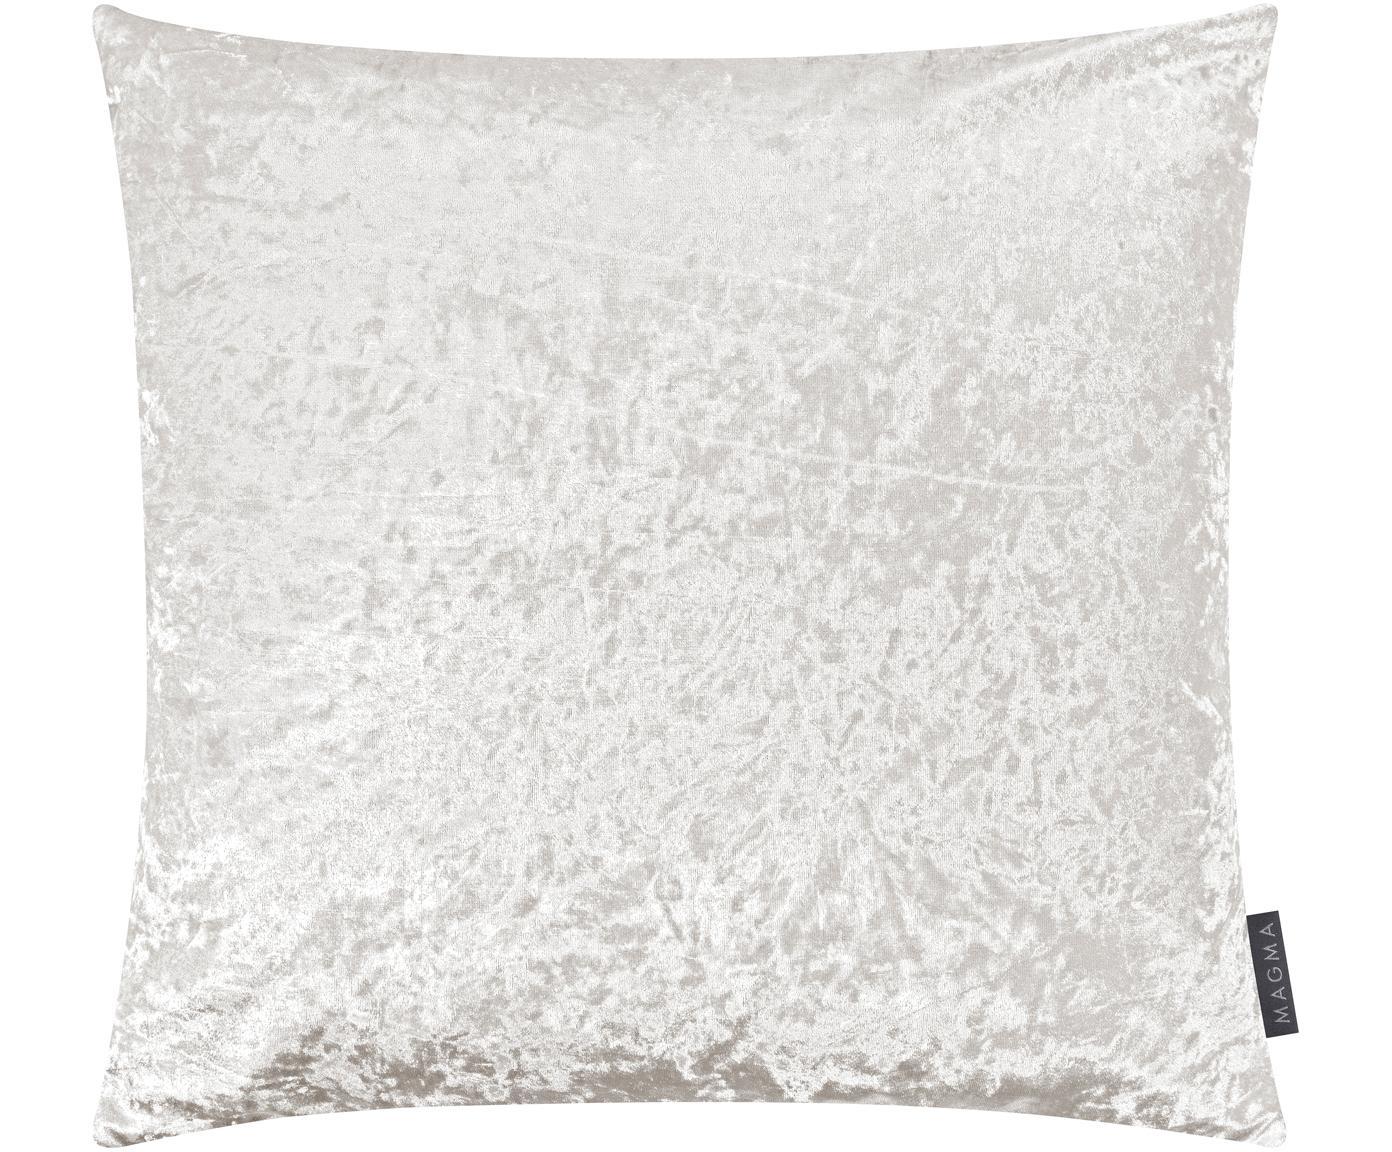 Samt-Kissenhülle Shanta mit schimmerndem Vintage-Muster, 100% Polyestersamt, Elfenbein, 50 x 50 cm